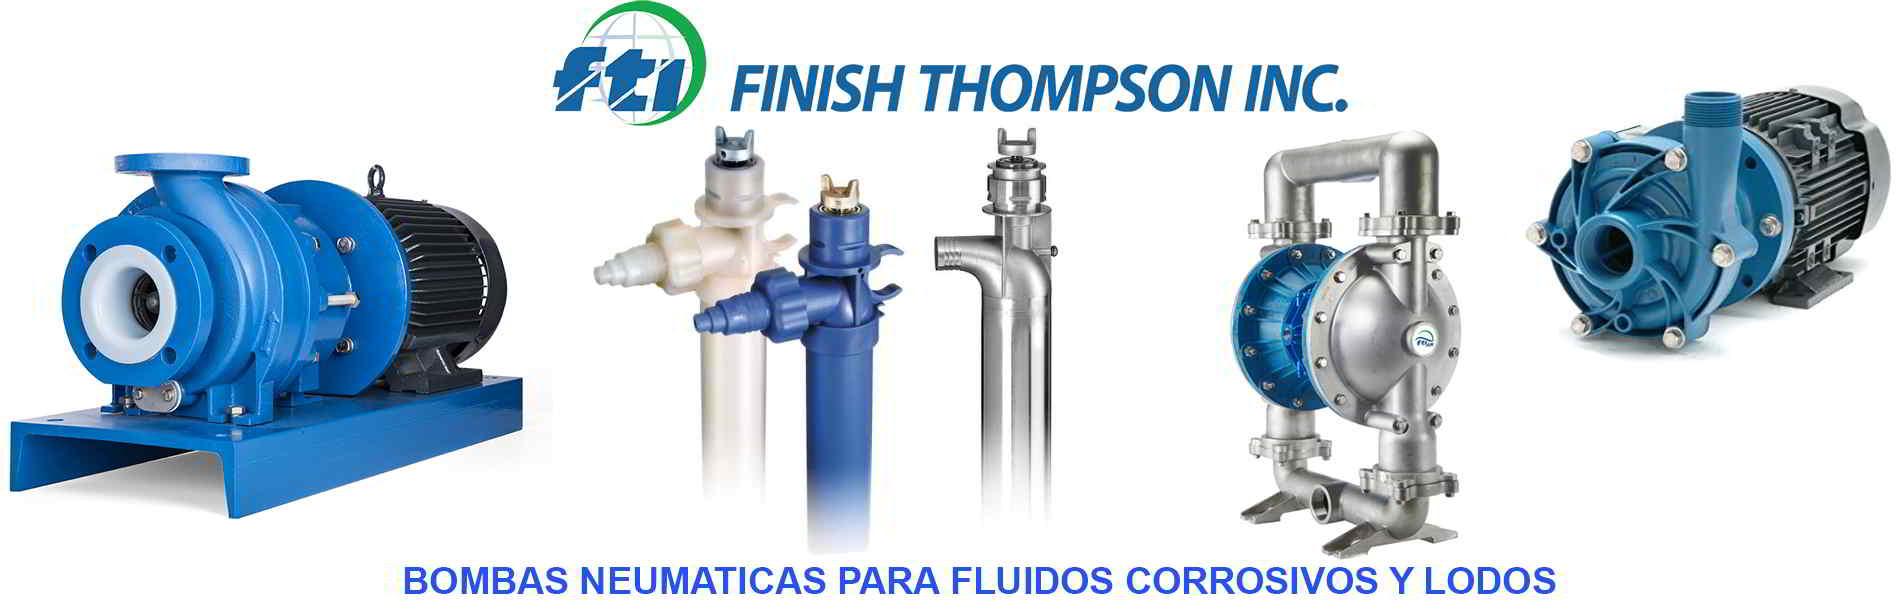 finish-thompson-c